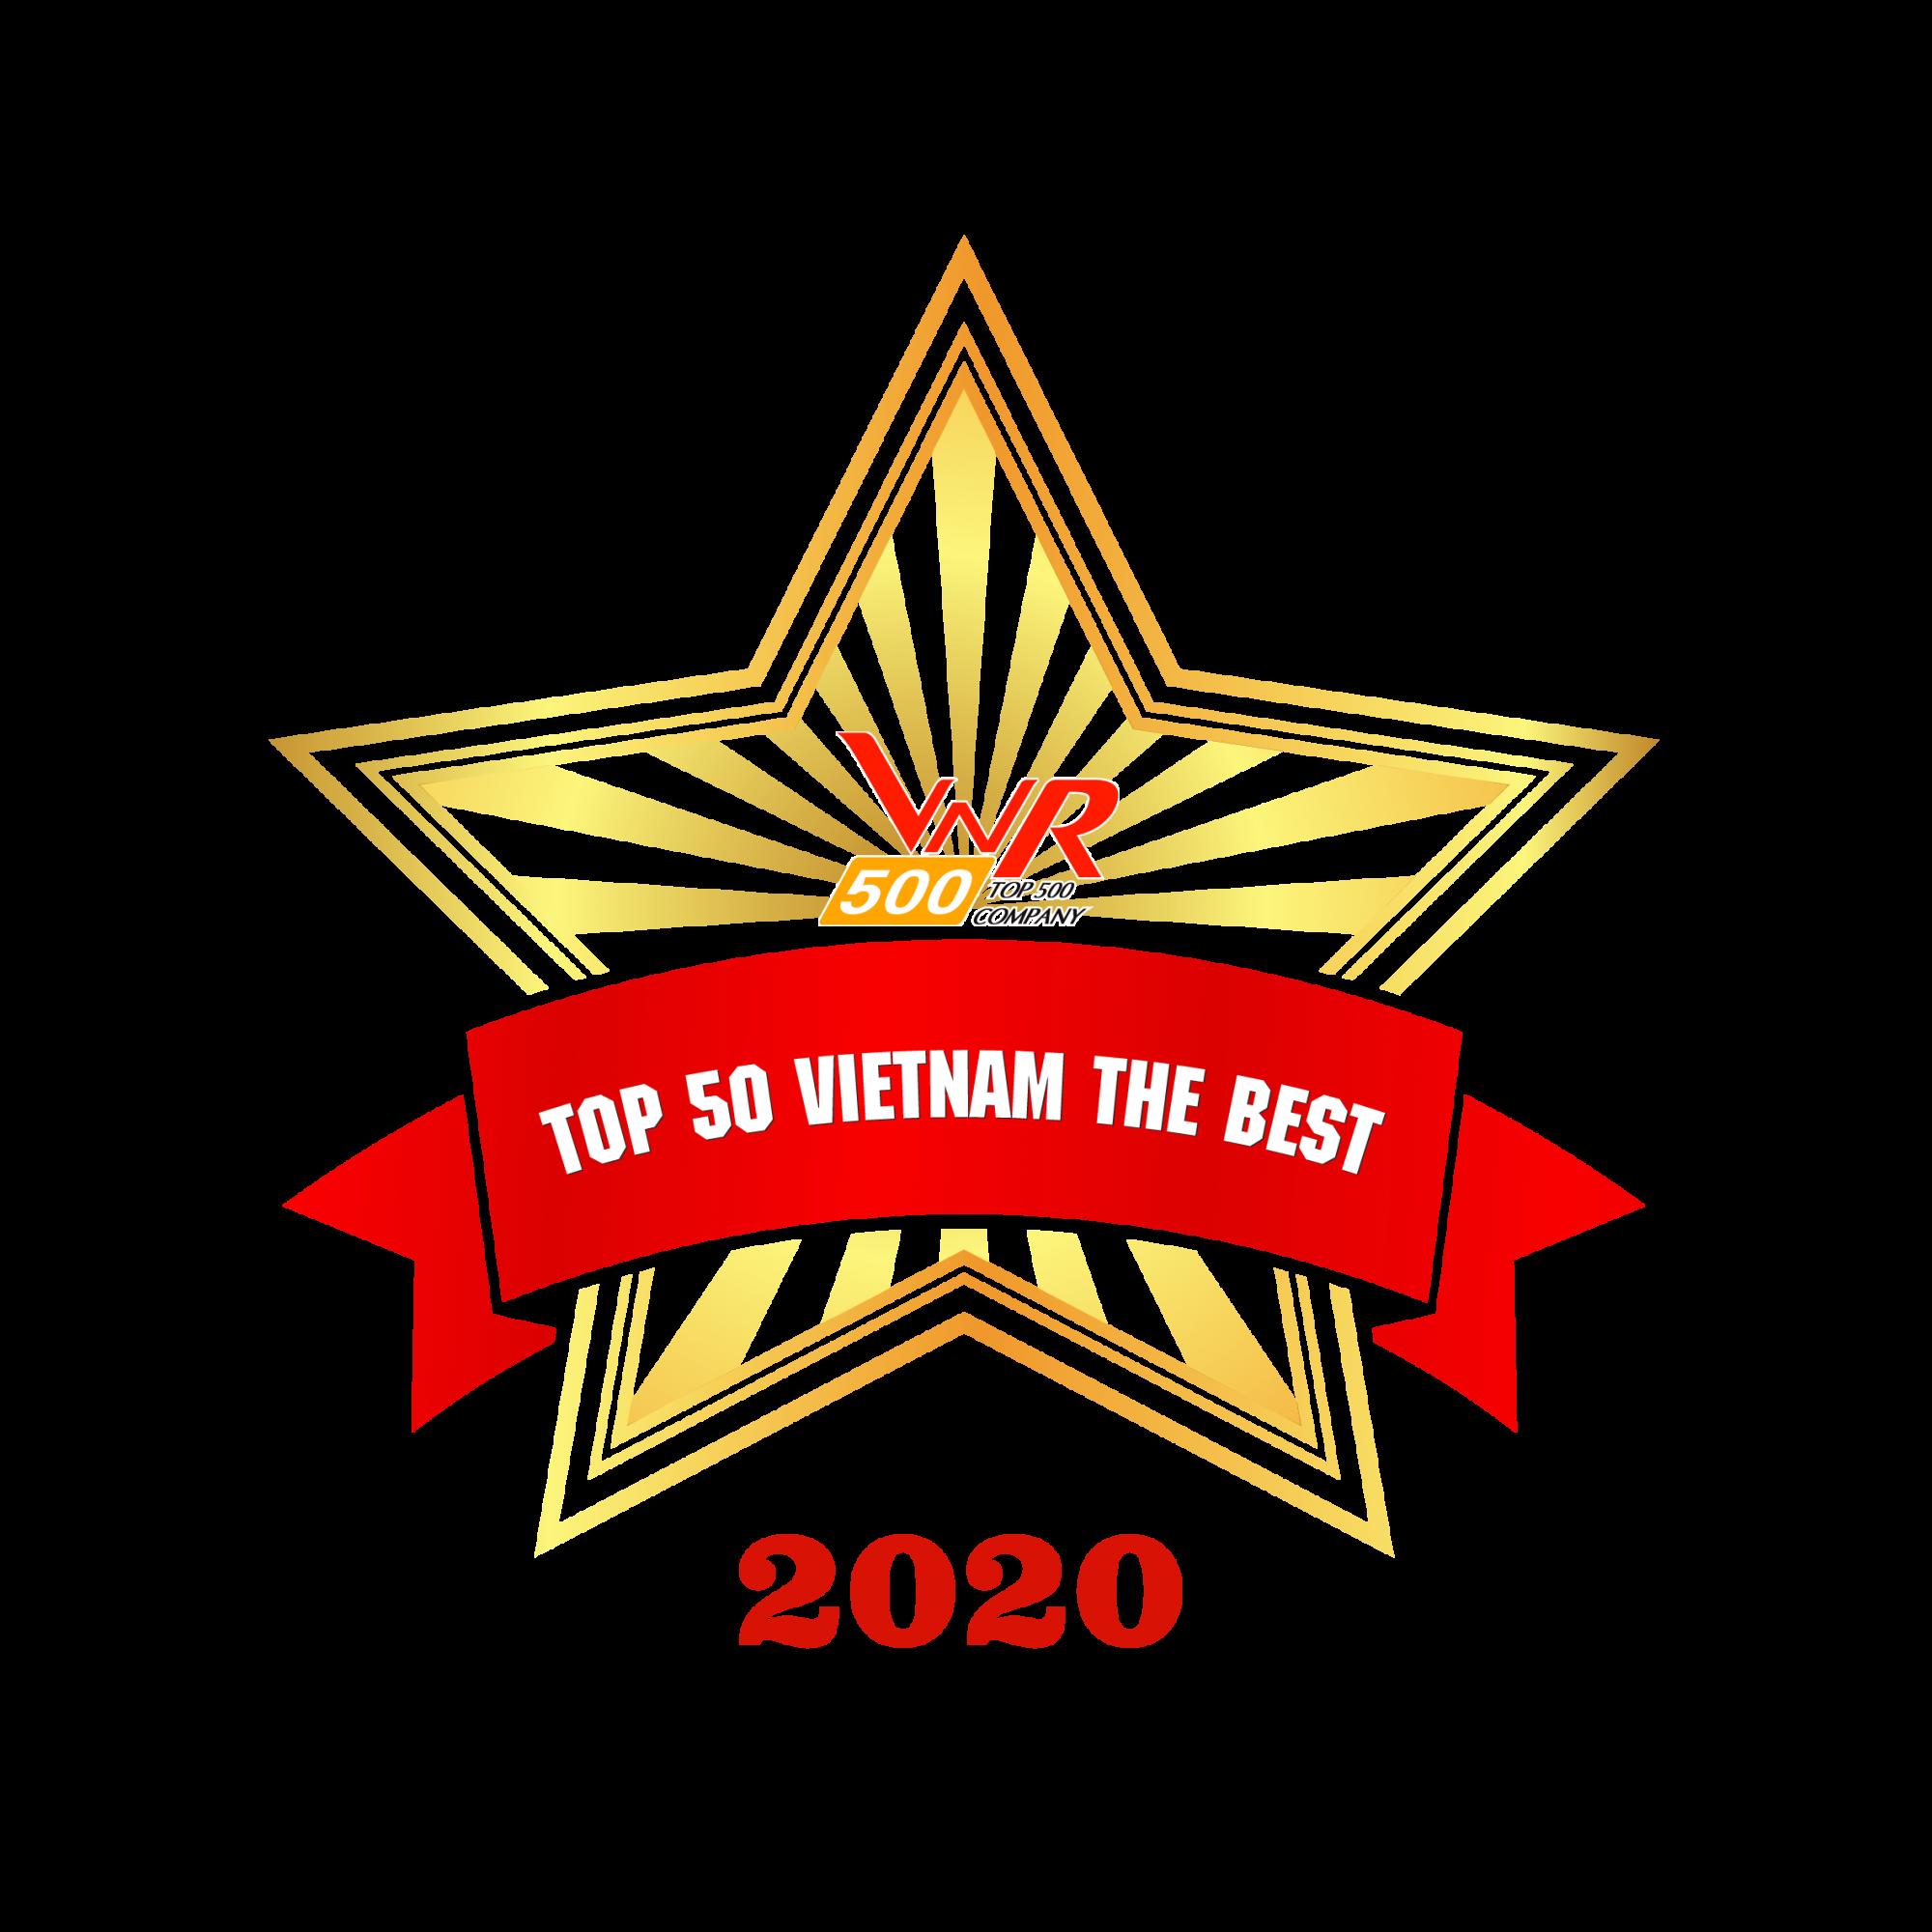 ATAD tự hào tiếp tục được vinh doanh trong TOP 50 doanh nghiệp xuất sắc nhất Việt Nam 2020